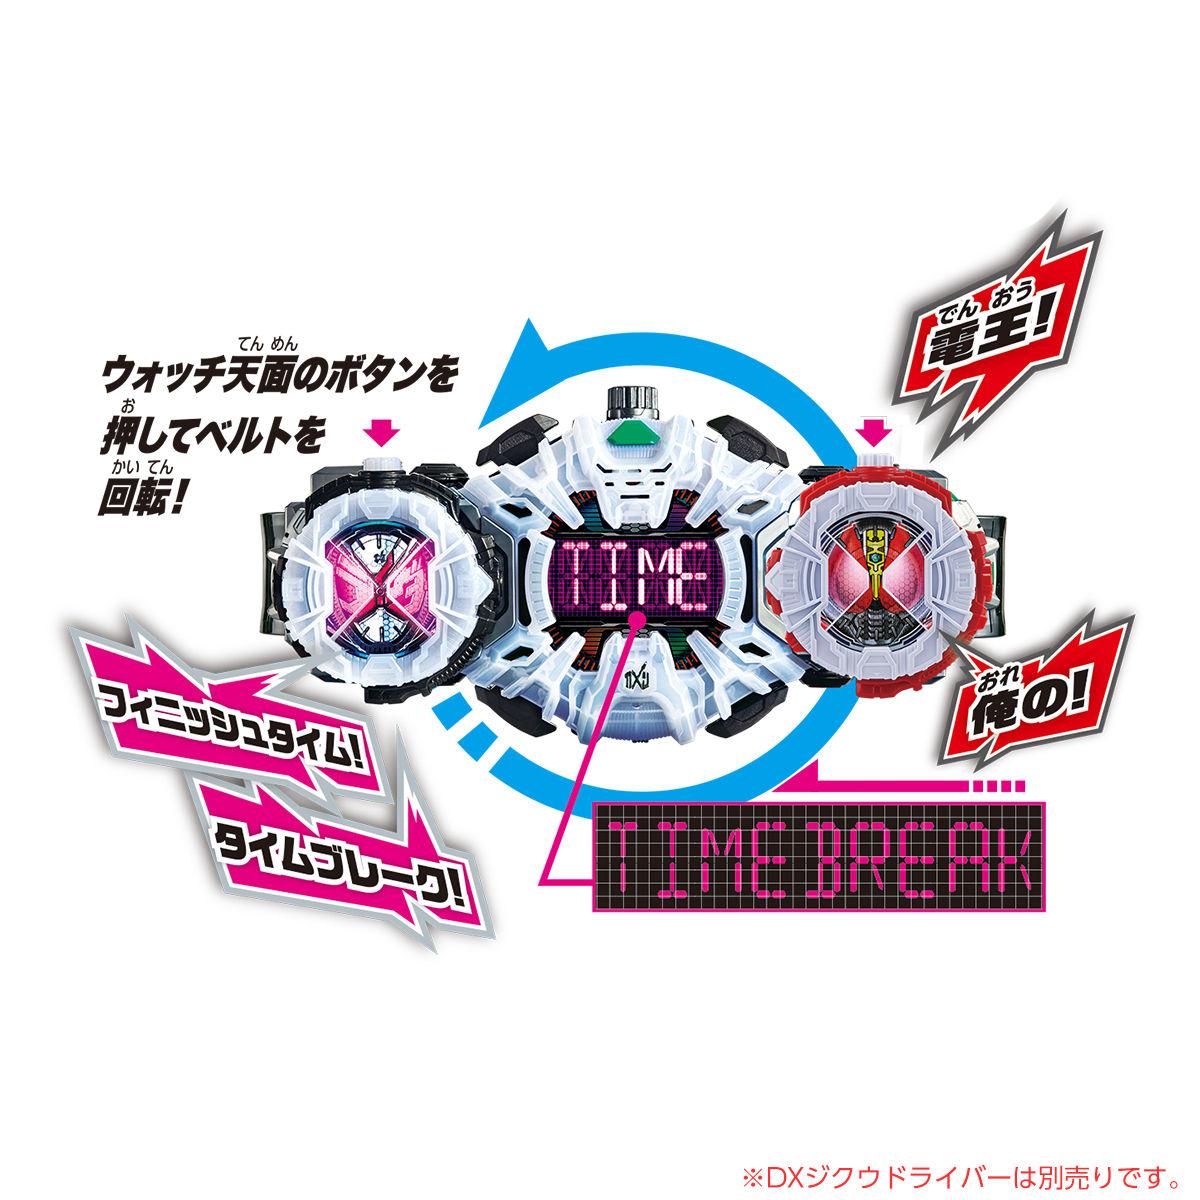 仮面ライダージオウ『DXライドウォッチダイザー&電王ライドウォッチ』変身なりきり-008